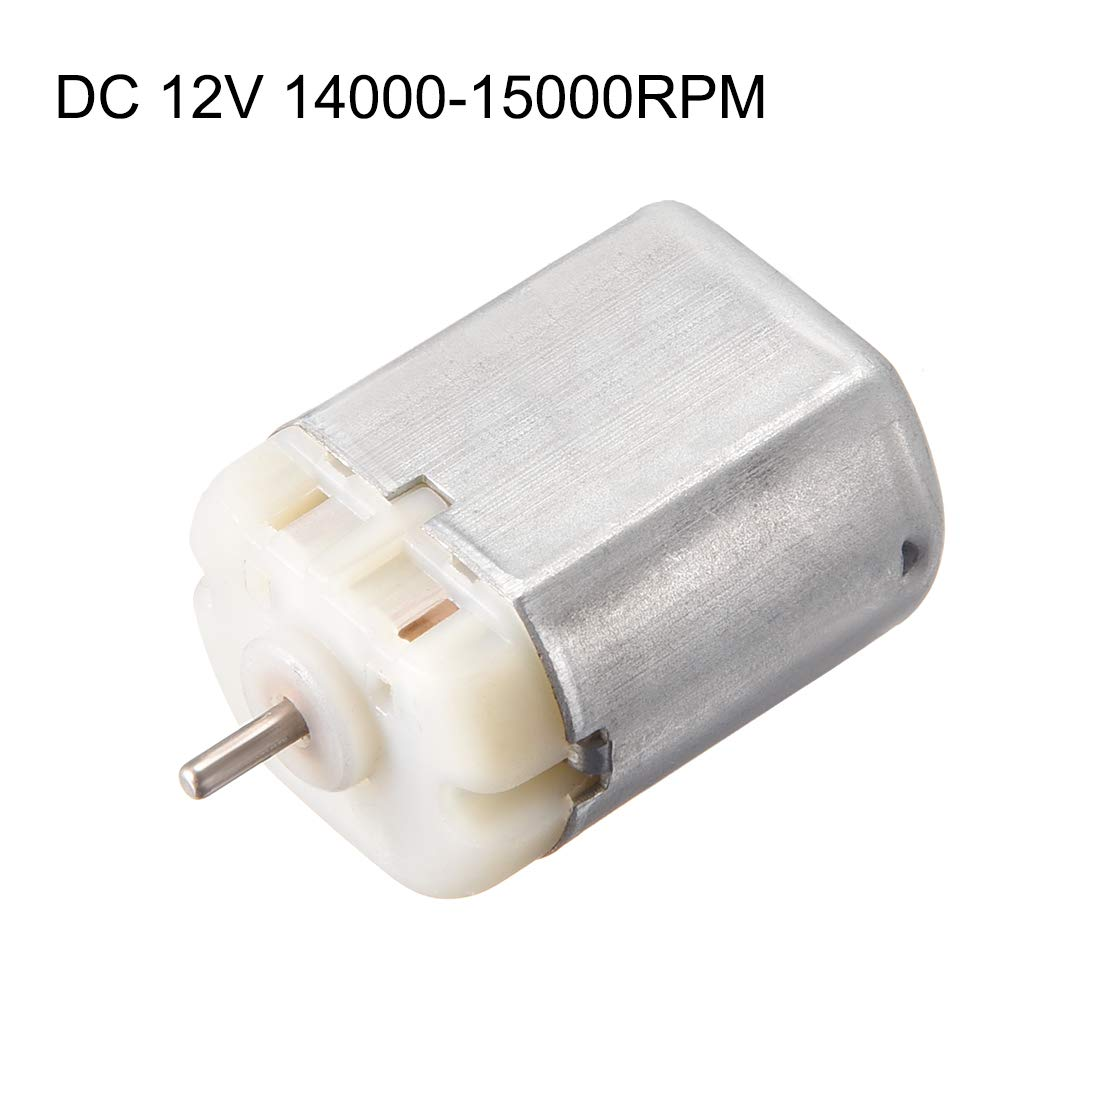 uxcell DC 12V 14000-15000RPM Central Door Lock Actuator Motor FC-280SC-20150 Power Locking Repair Engine